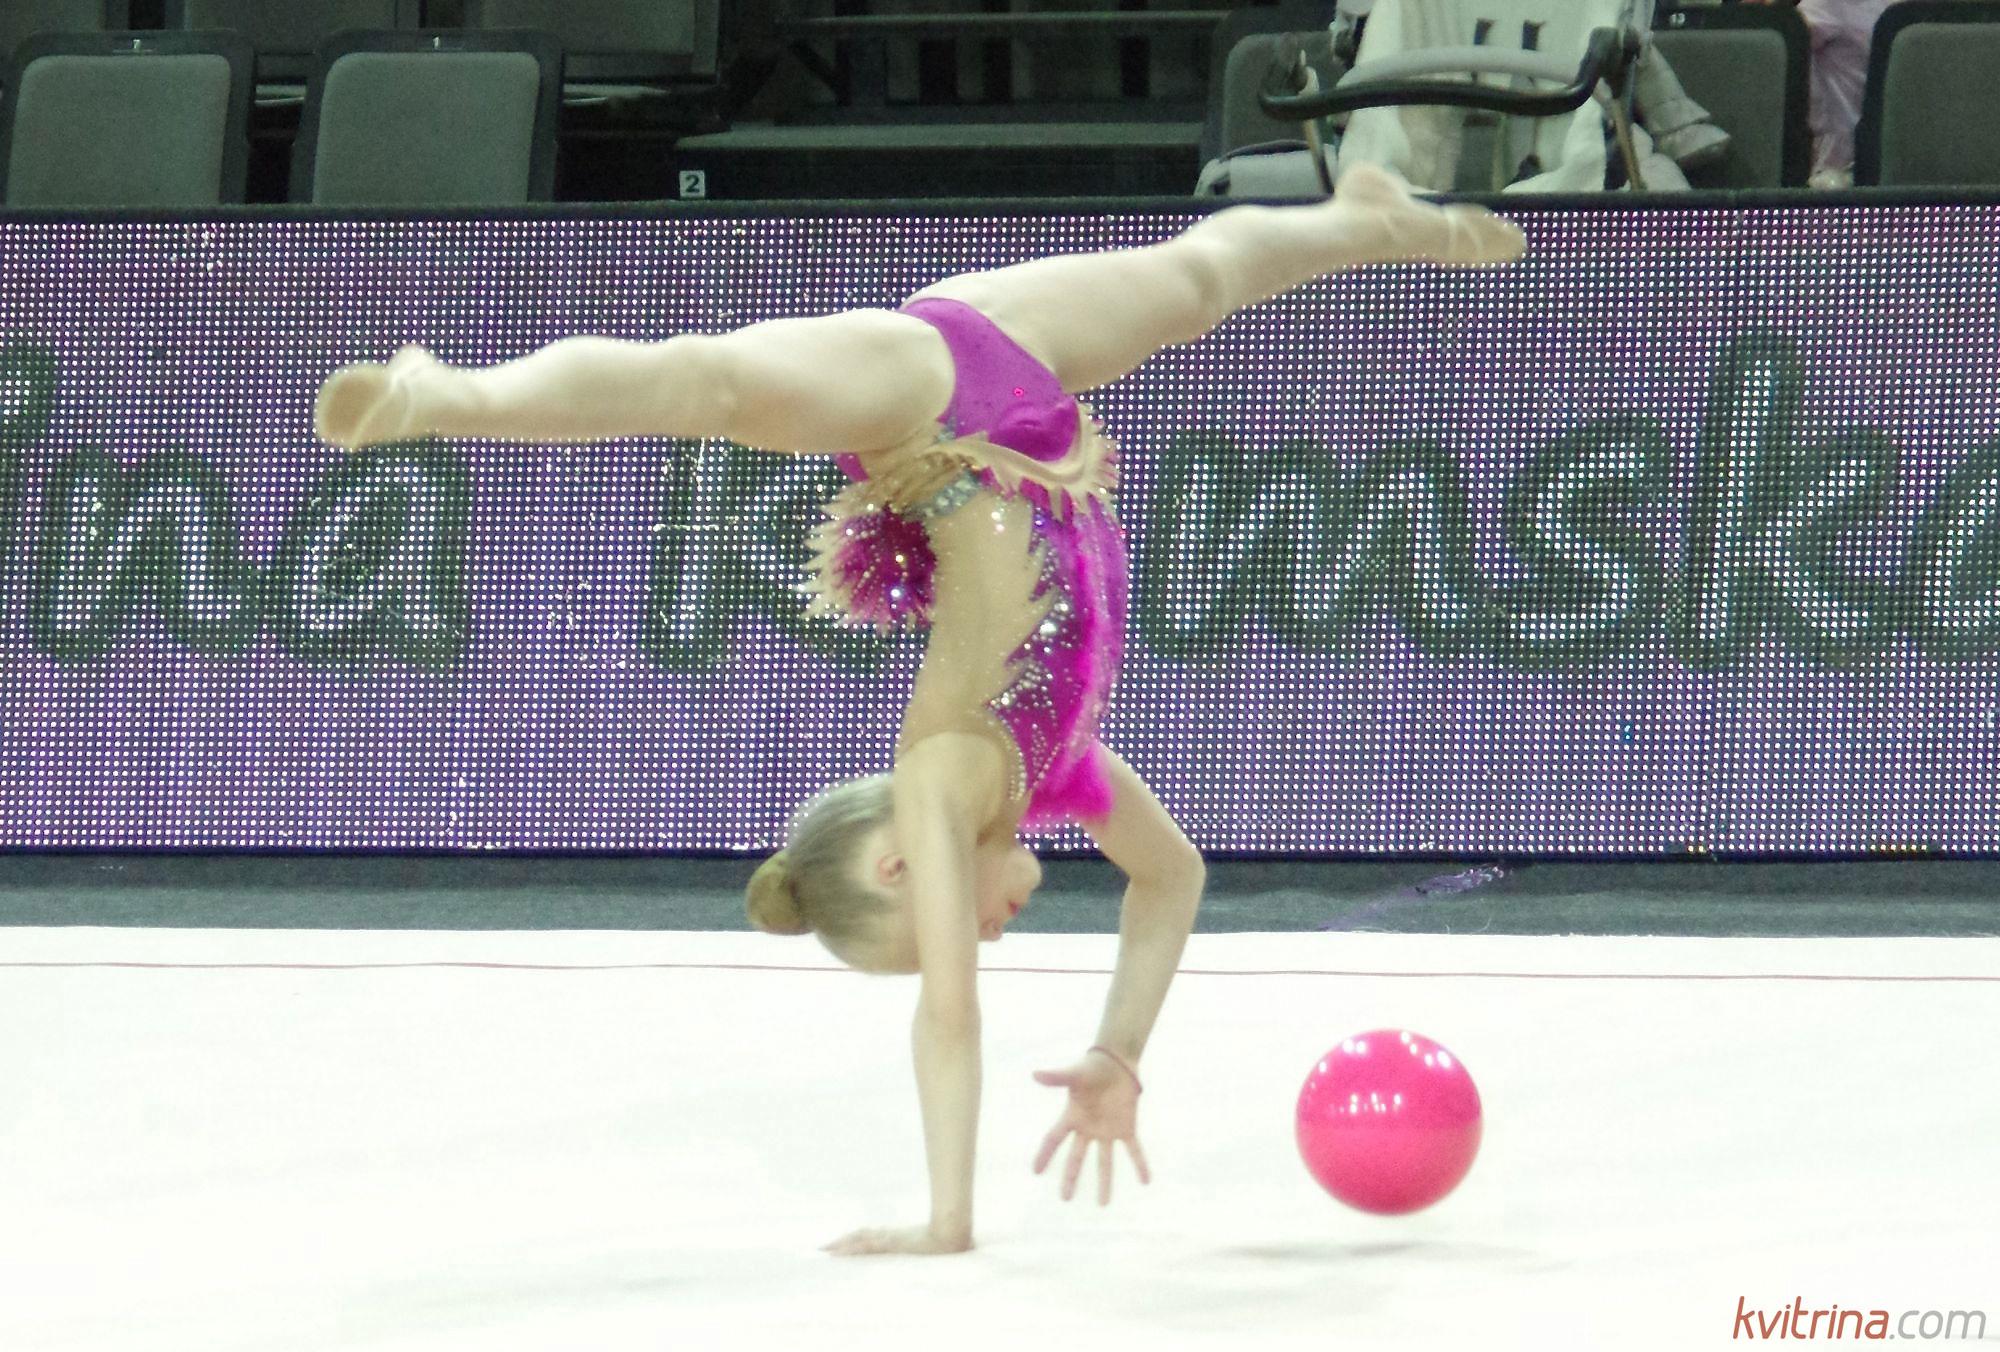 Kaip padidinti savo nariu gimnastika Iranga i kapseli ir nari